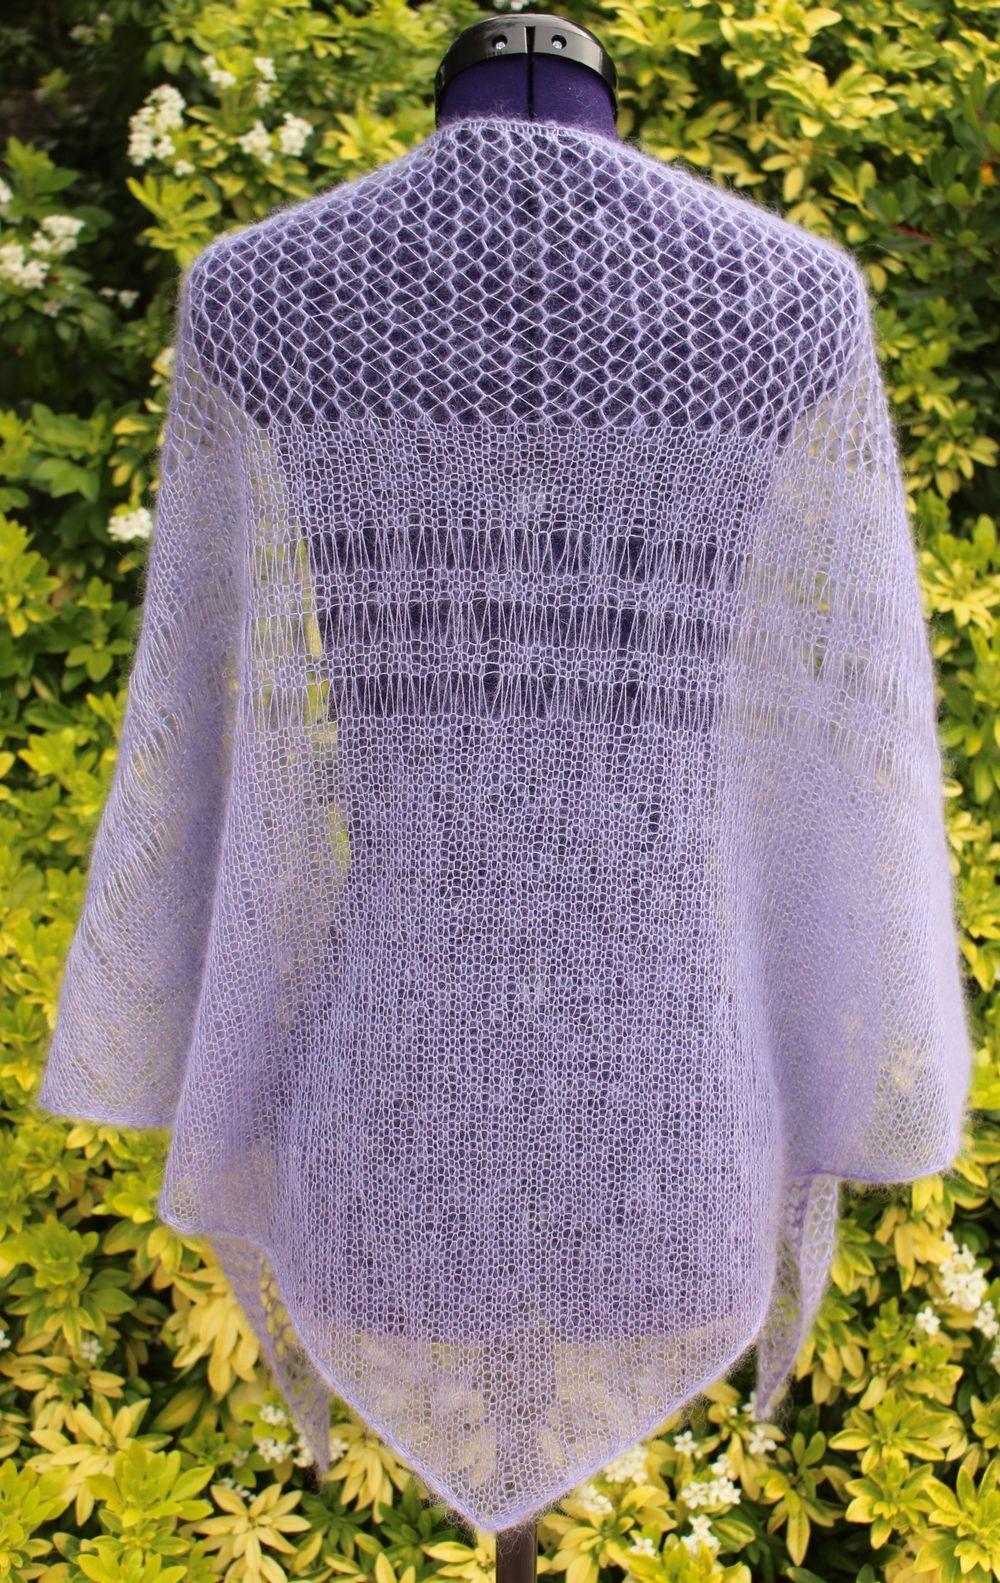 cb1f632b00ec Châle tricoté main, étole en dentelle, chèche en mohair et soie avec points  ajourés, coloris mauve